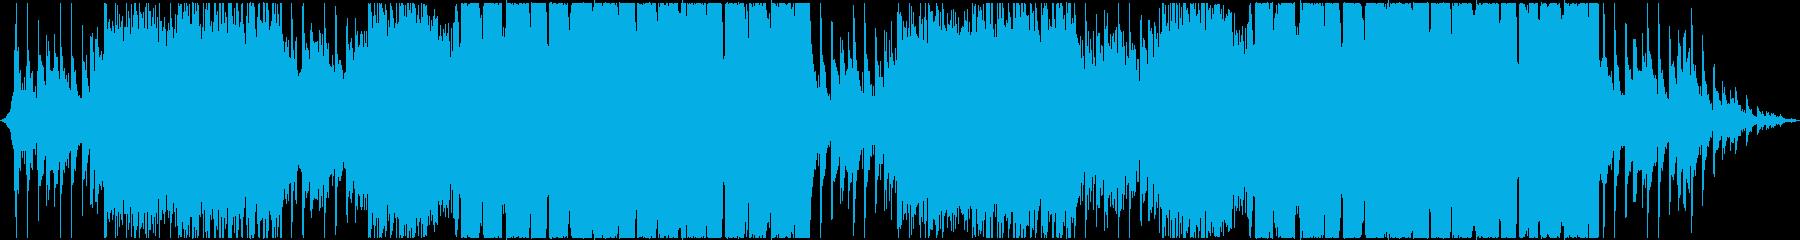 ピアノサウンドが特徴的なEDMの再生済みの波形